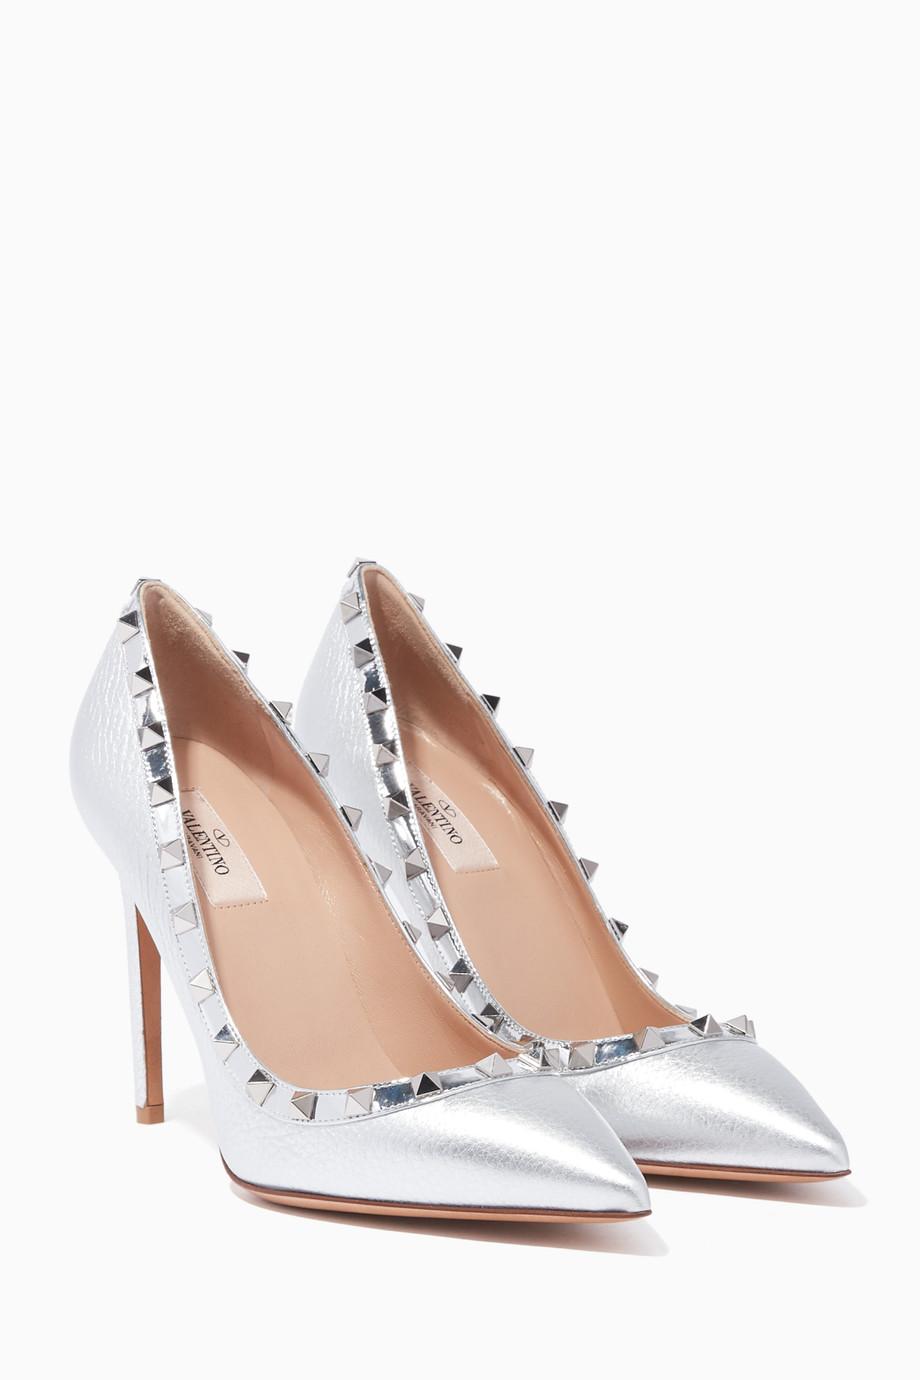 33a6cab93 تسوق حذاء كلاسيك بمقدمة مدببة وحليات هرمية فضي Valentino فضي للنساء ...